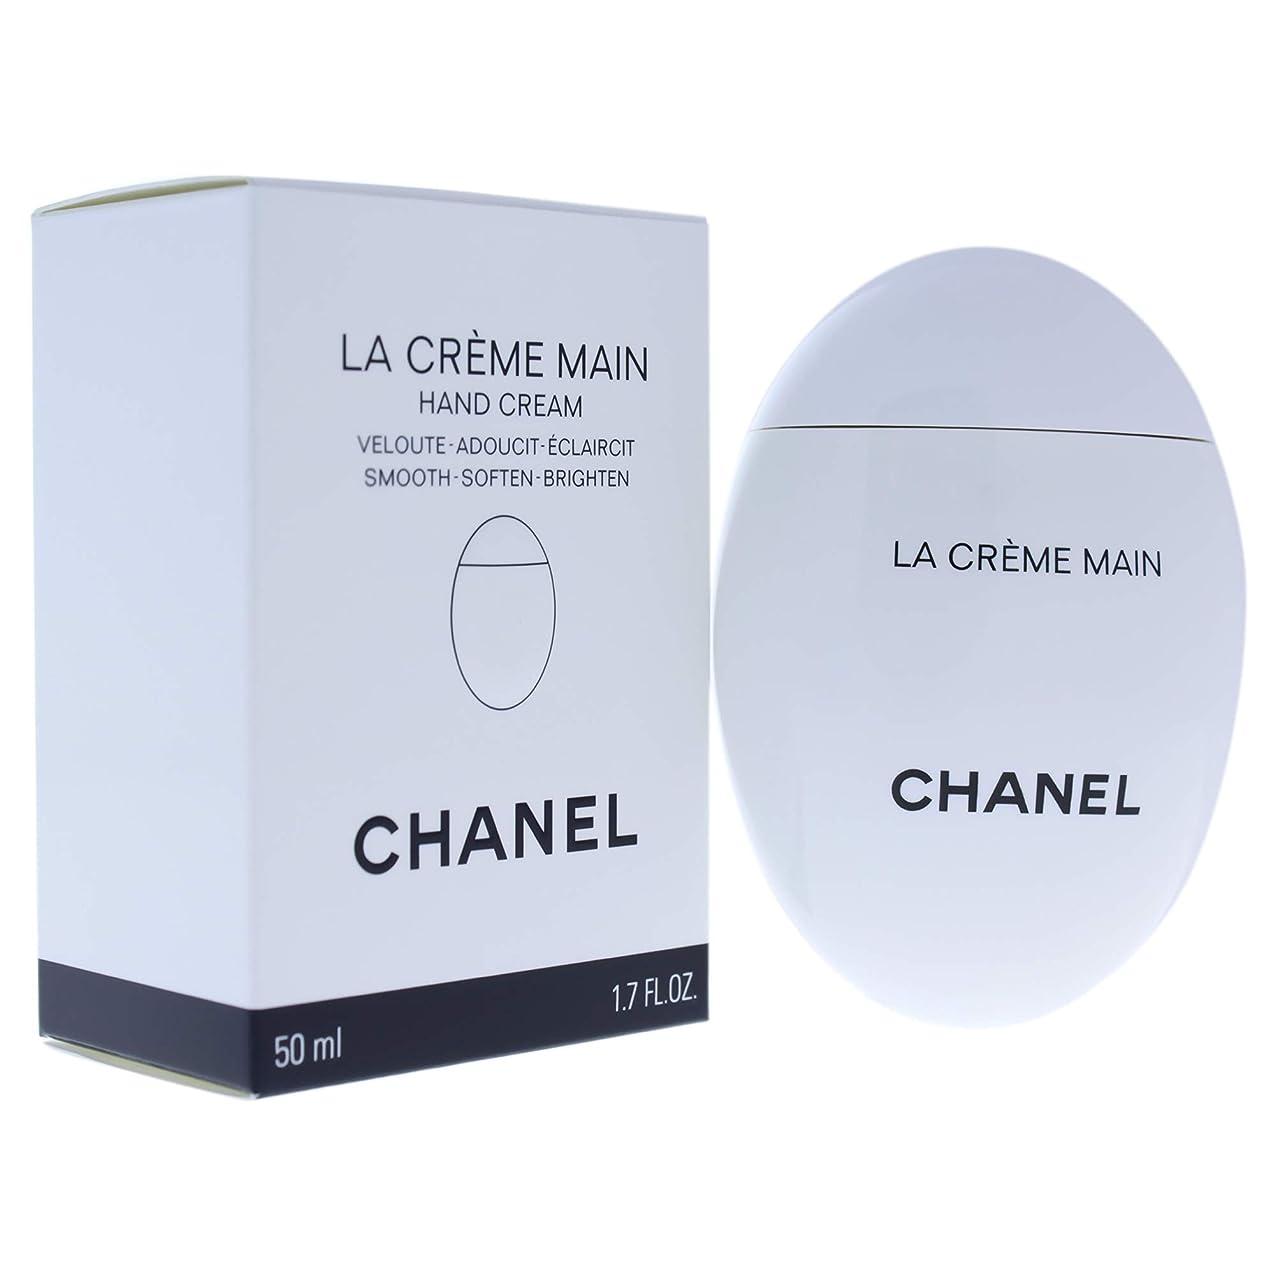 表現ぼんやりした靴CHANEL LA CRèME MAIN シャネル ラ クレーム マン ハンドクリーム 50ml